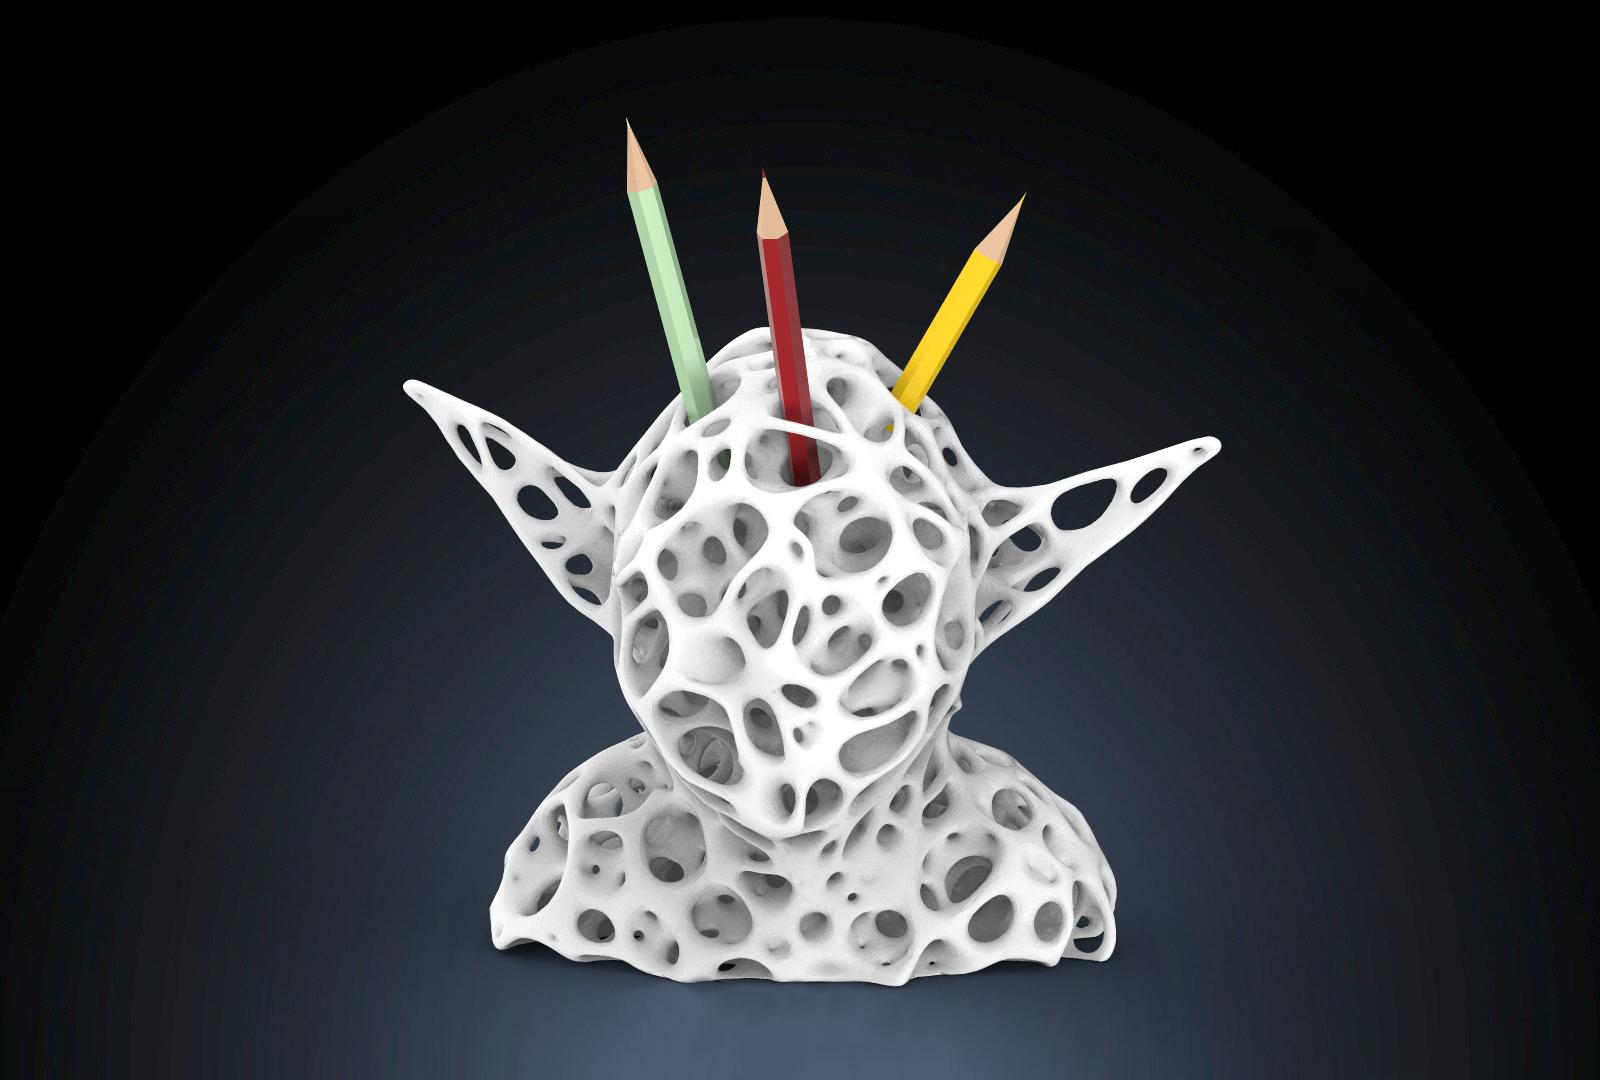 3D-Voronoi-Yoda-by-Dizingof-.7545-1